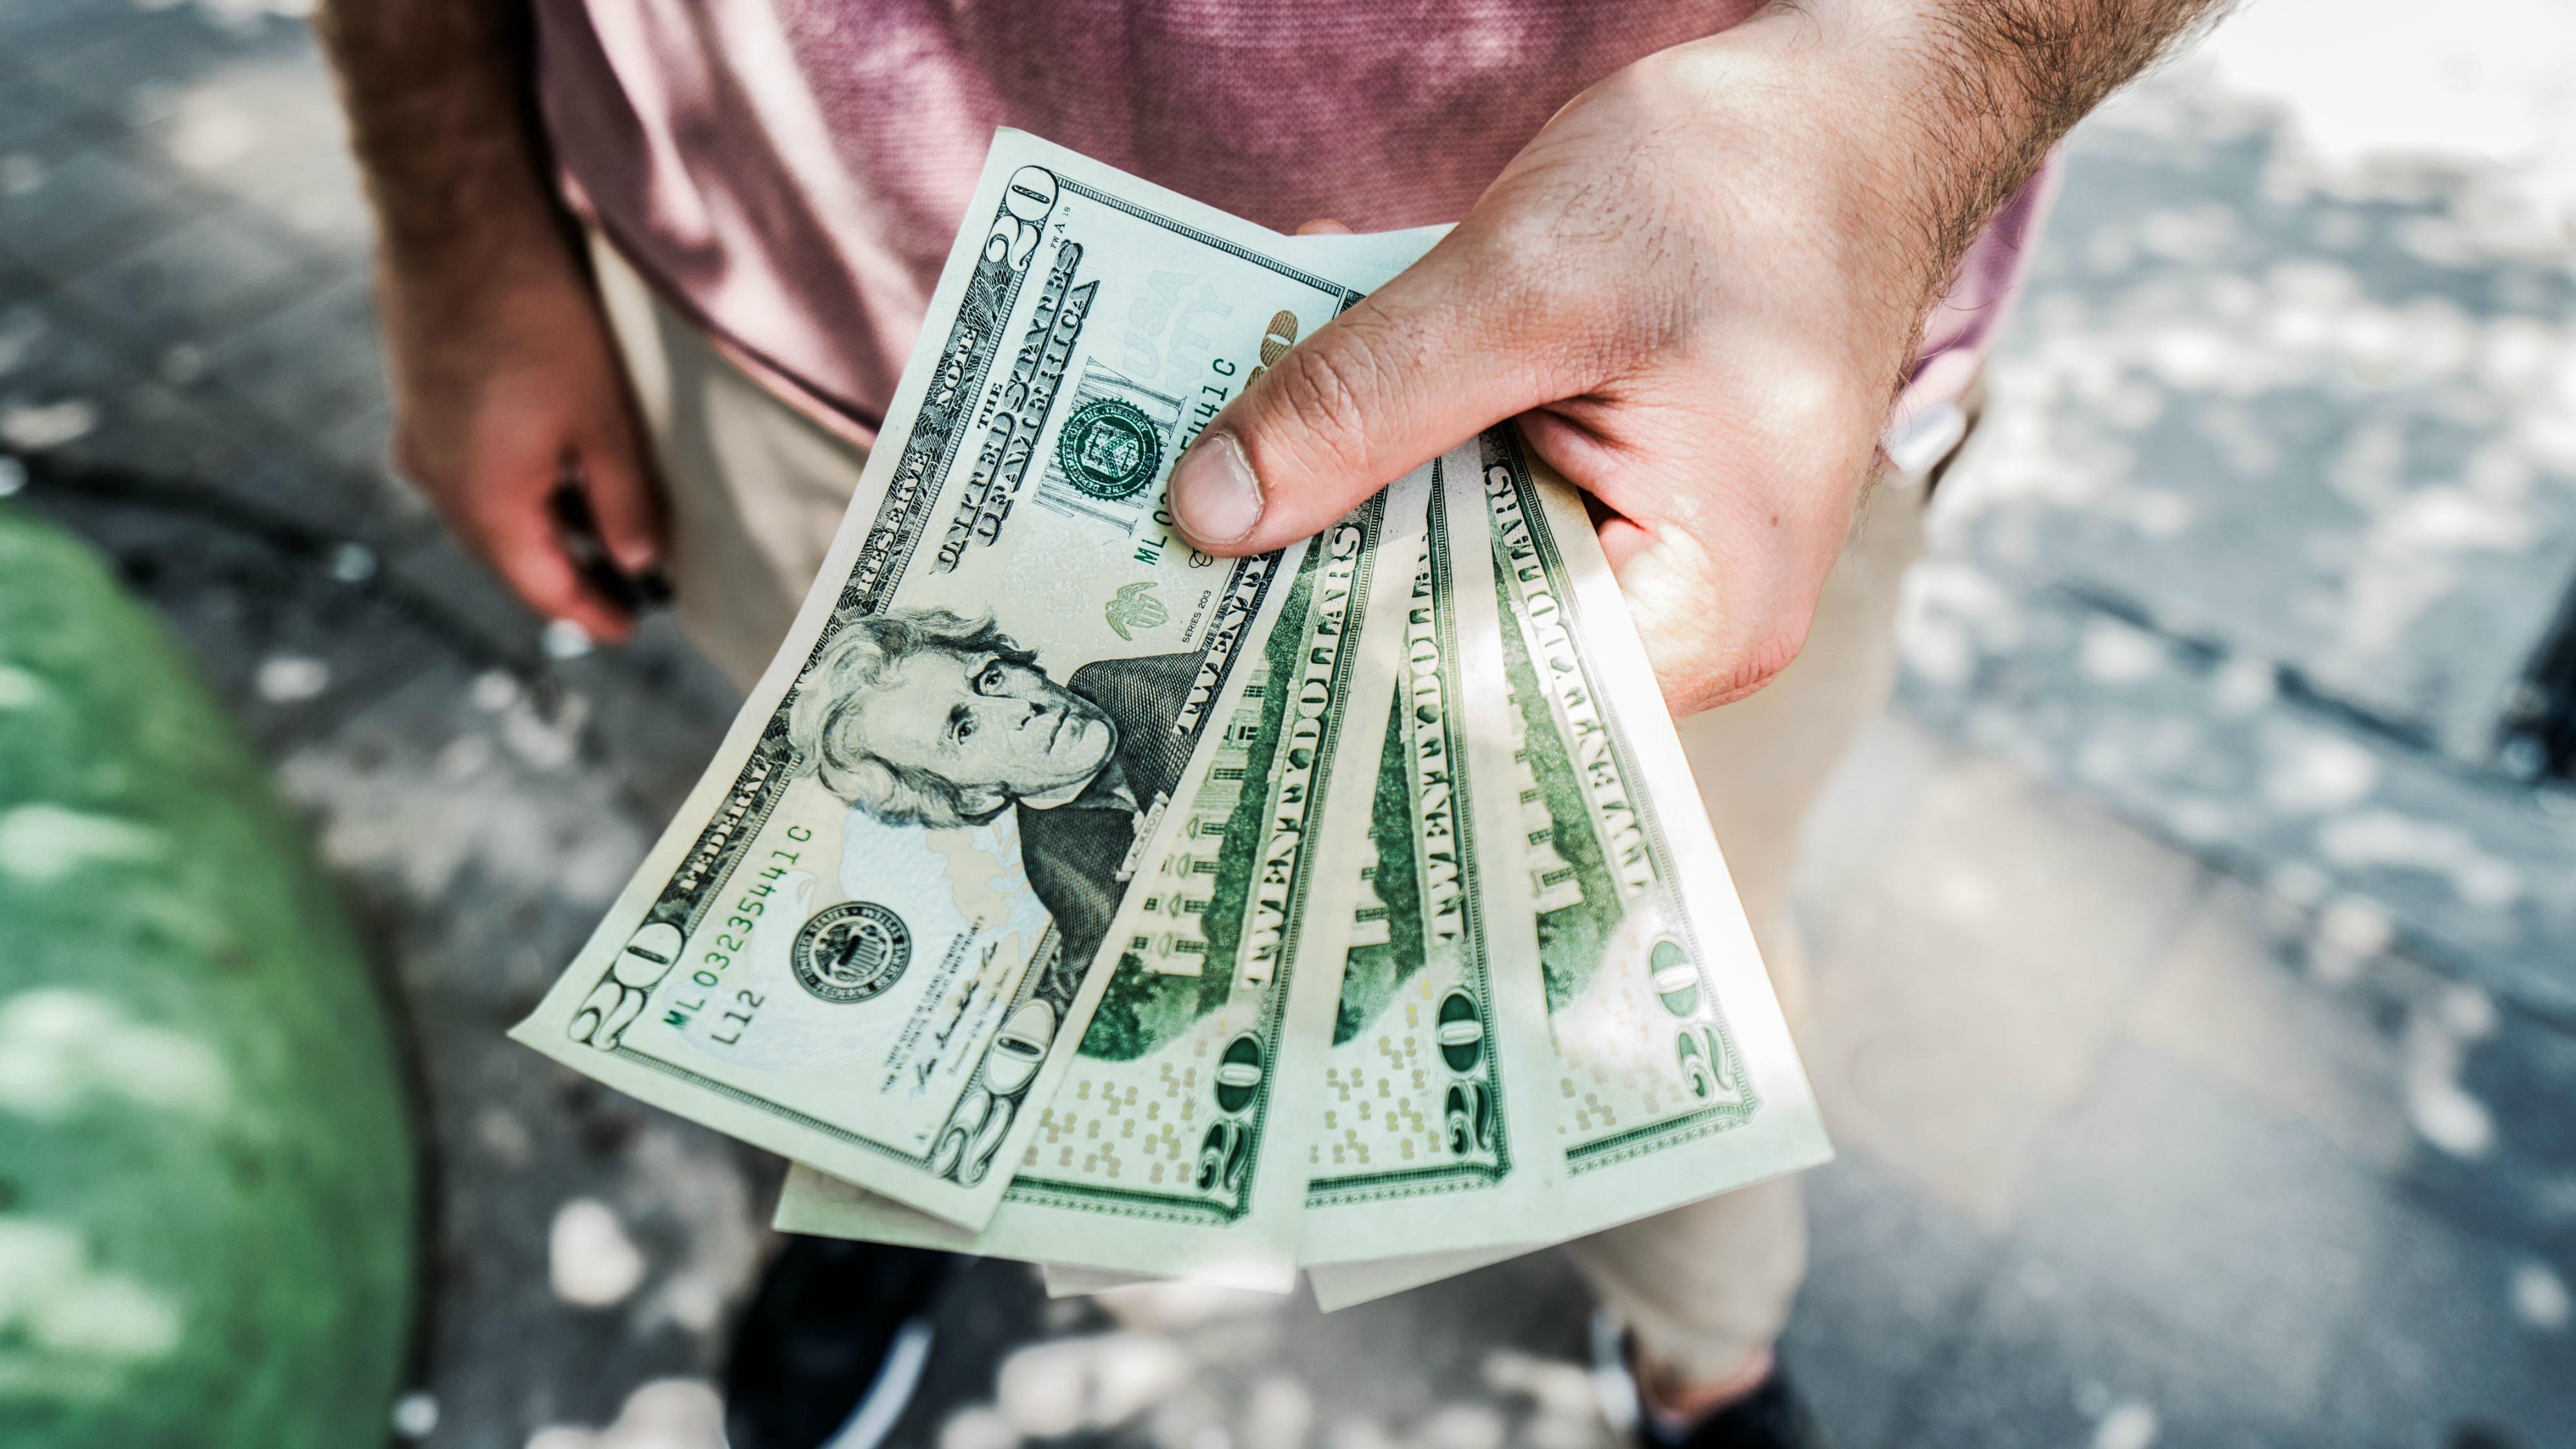 Kļuvu bagāts, izmantojot šo metodi. Tagad mēnesī nopelnu vairāk nekā 15000€.